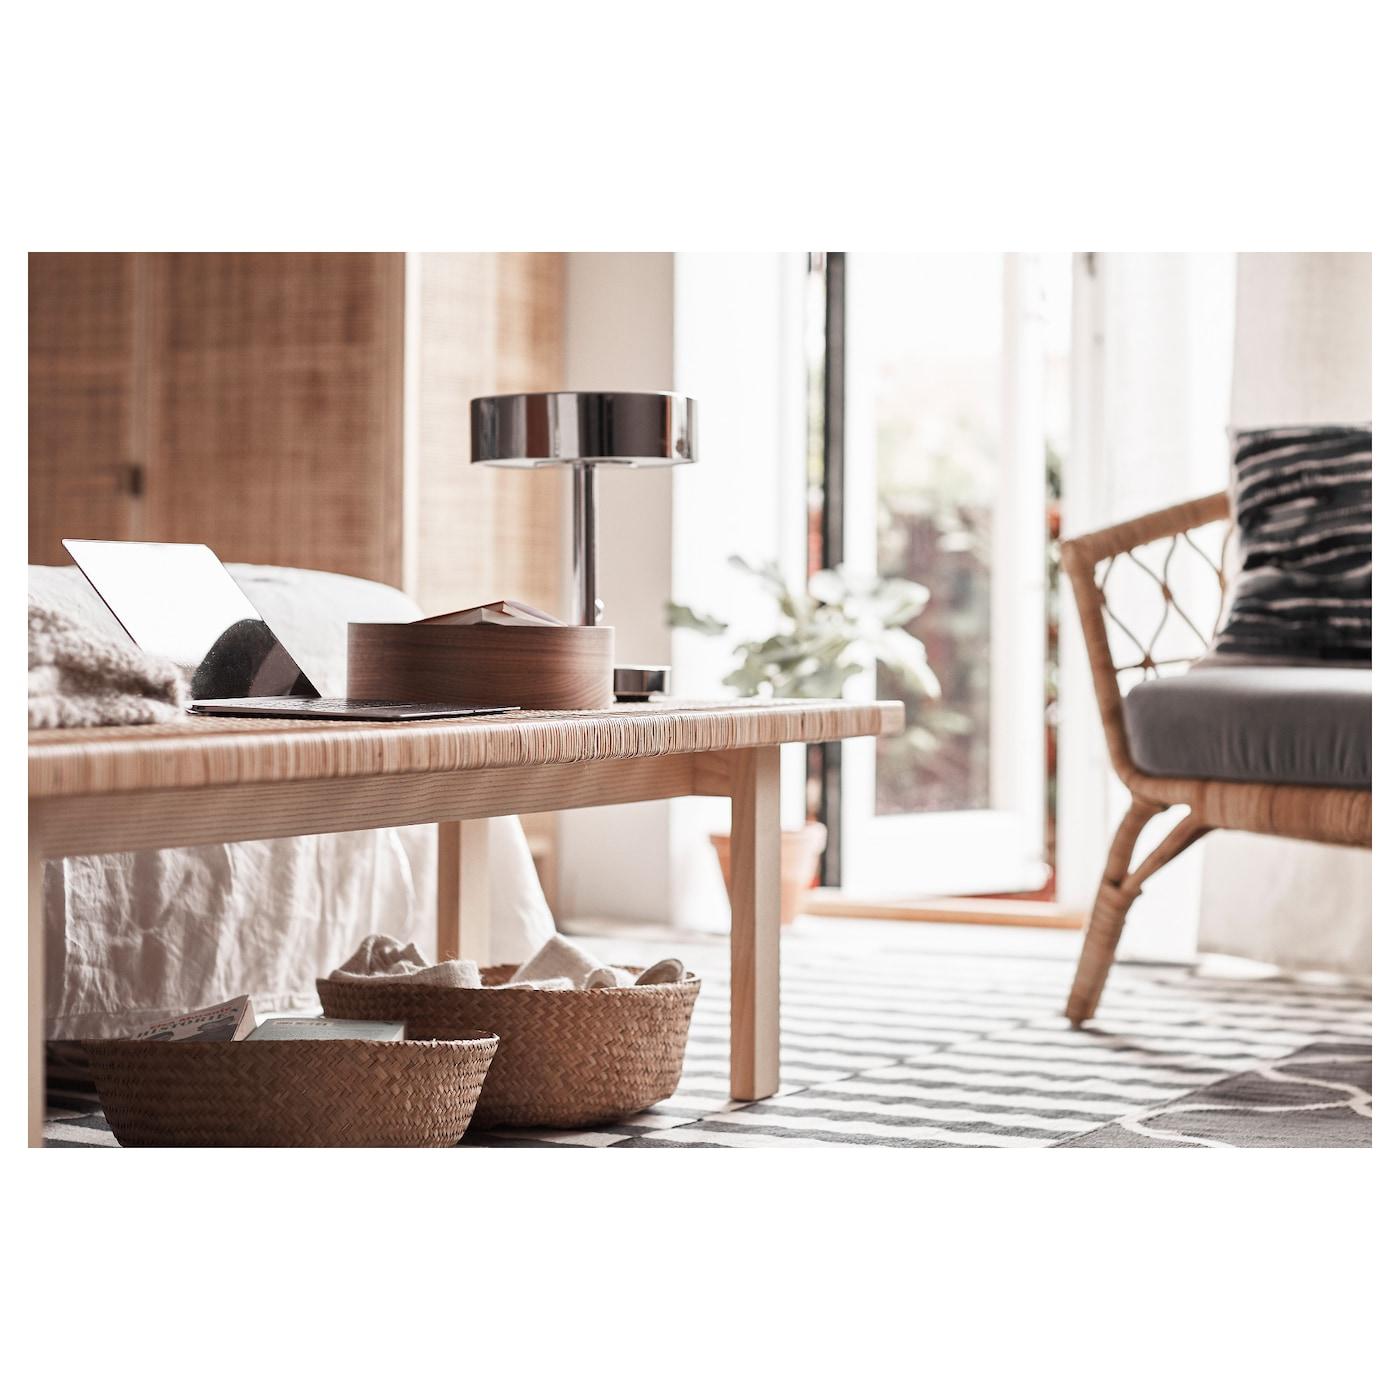 Full Size of Rattan Beistelltisch Ikea Sofa Garten Betten 160x200 Küche Kosten Modulküche Miniküche Kaufen Rattanmöbel Bei Mit Schlaffunktion Bett Polyrattan Wohnzimmer Rattan Beistelltisch Ikea